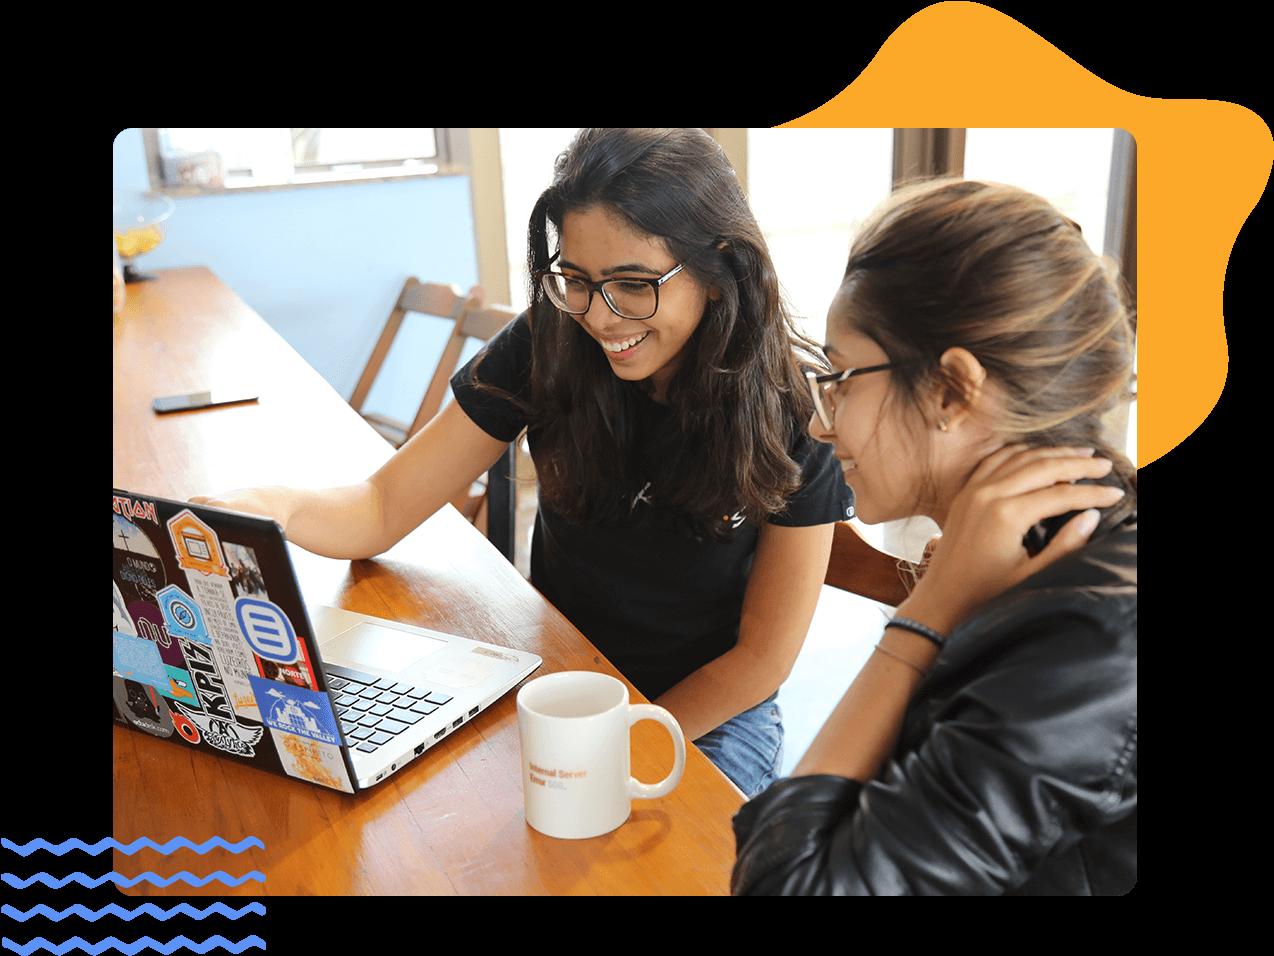 Dos mujeres jóvenes sonrientes interactúan con una experiencia de contenidos en una computadora